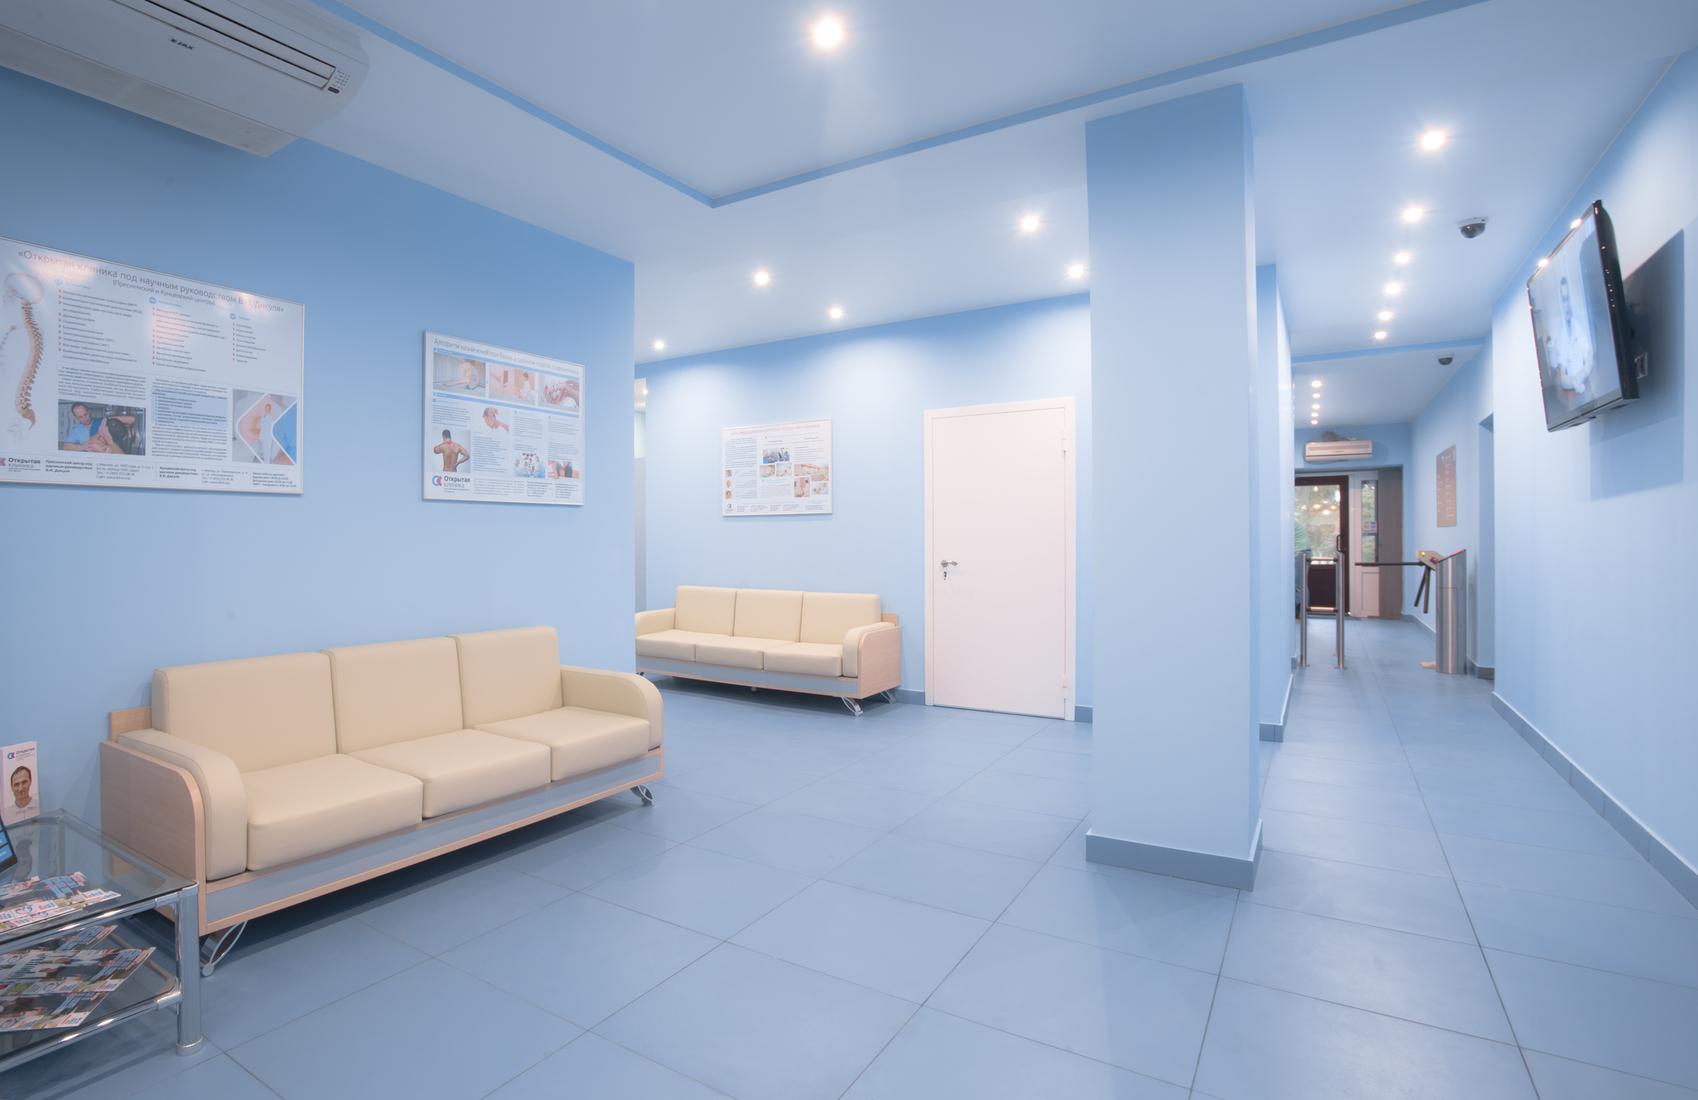 красноярск клиники гинекологии